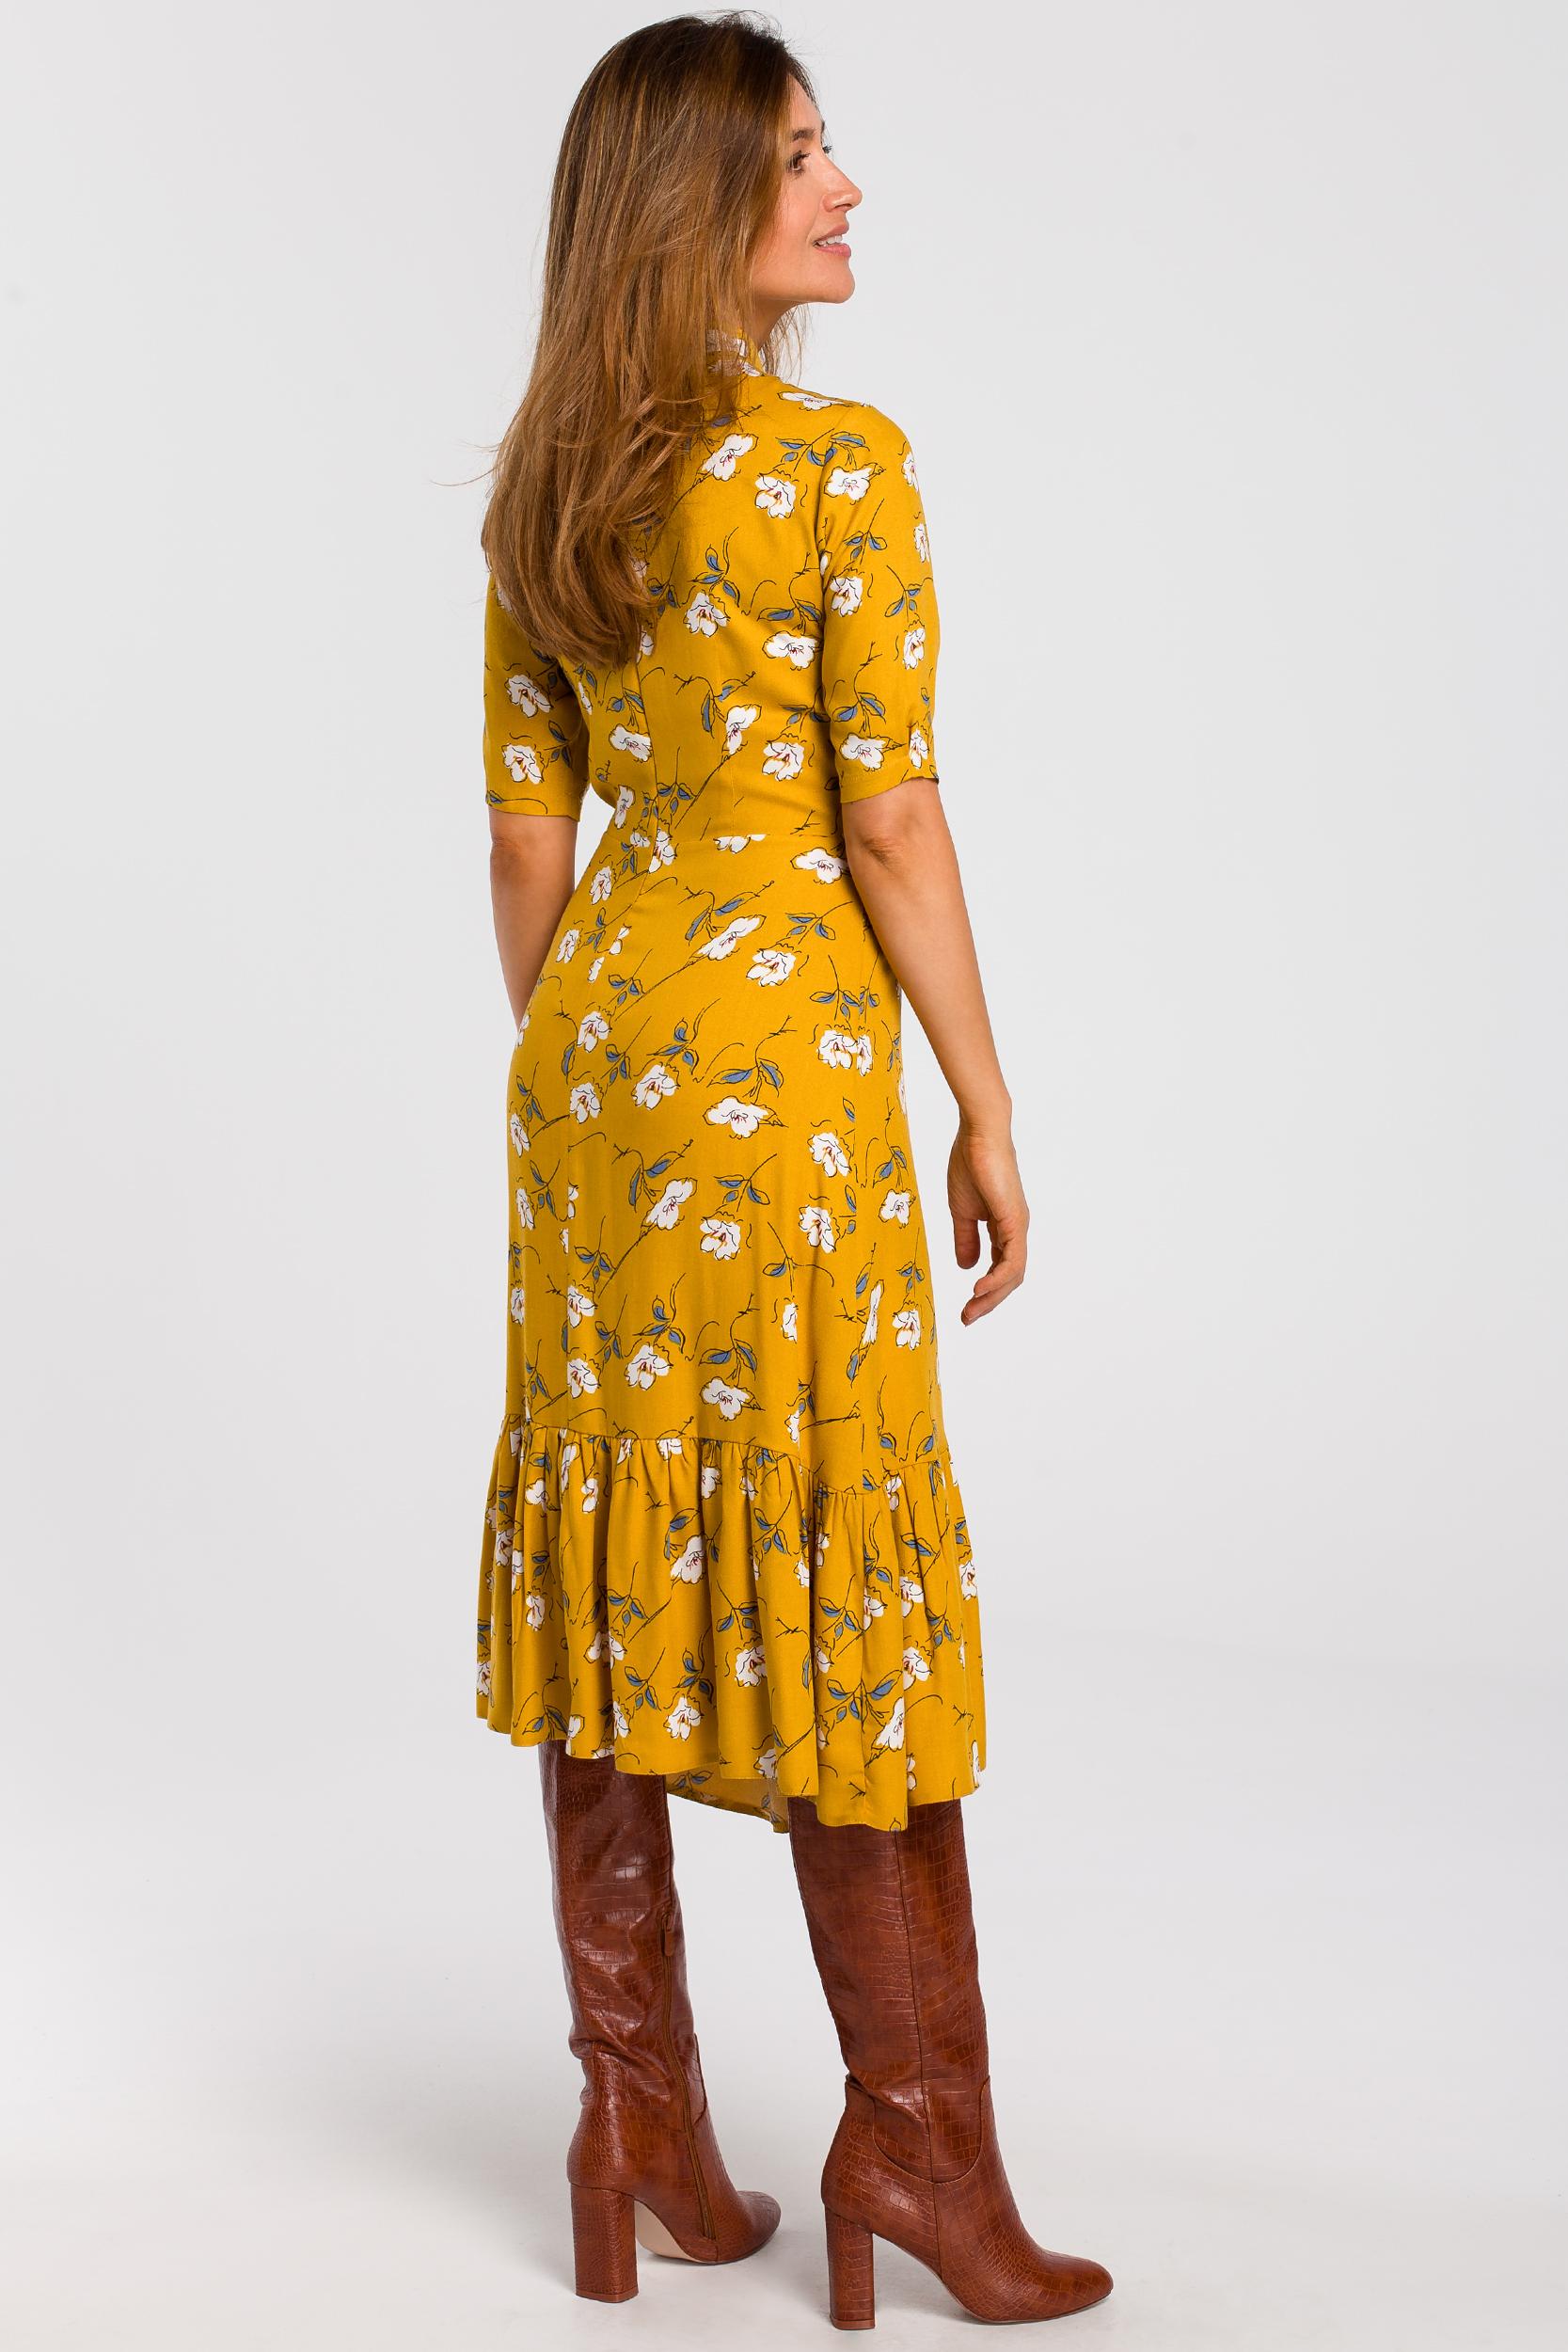 CM4639 Sukienka midi w kwiaty z pęknięciem w dekolcie - model 1